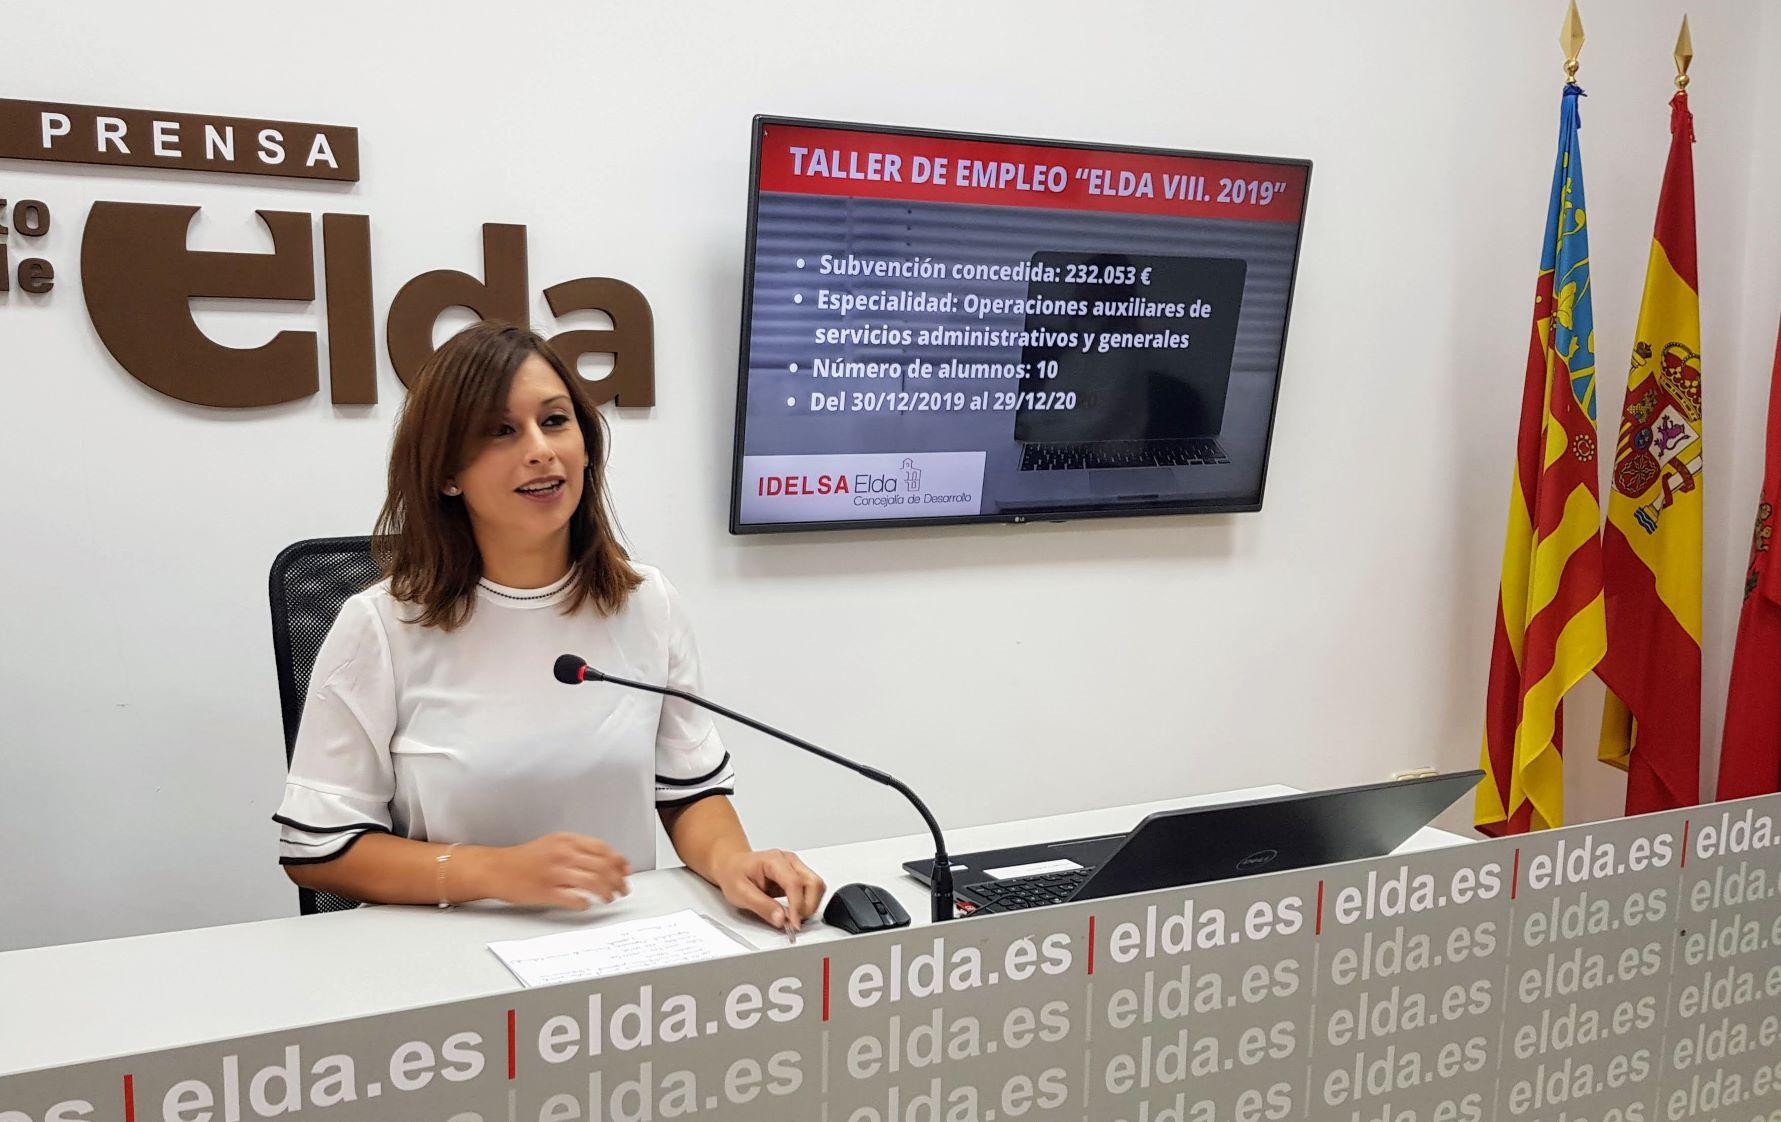 Elda recibe una subvención de 232.054 euros para la puesta en marcha de un nuevo Taller de Empleo con diez alumnos